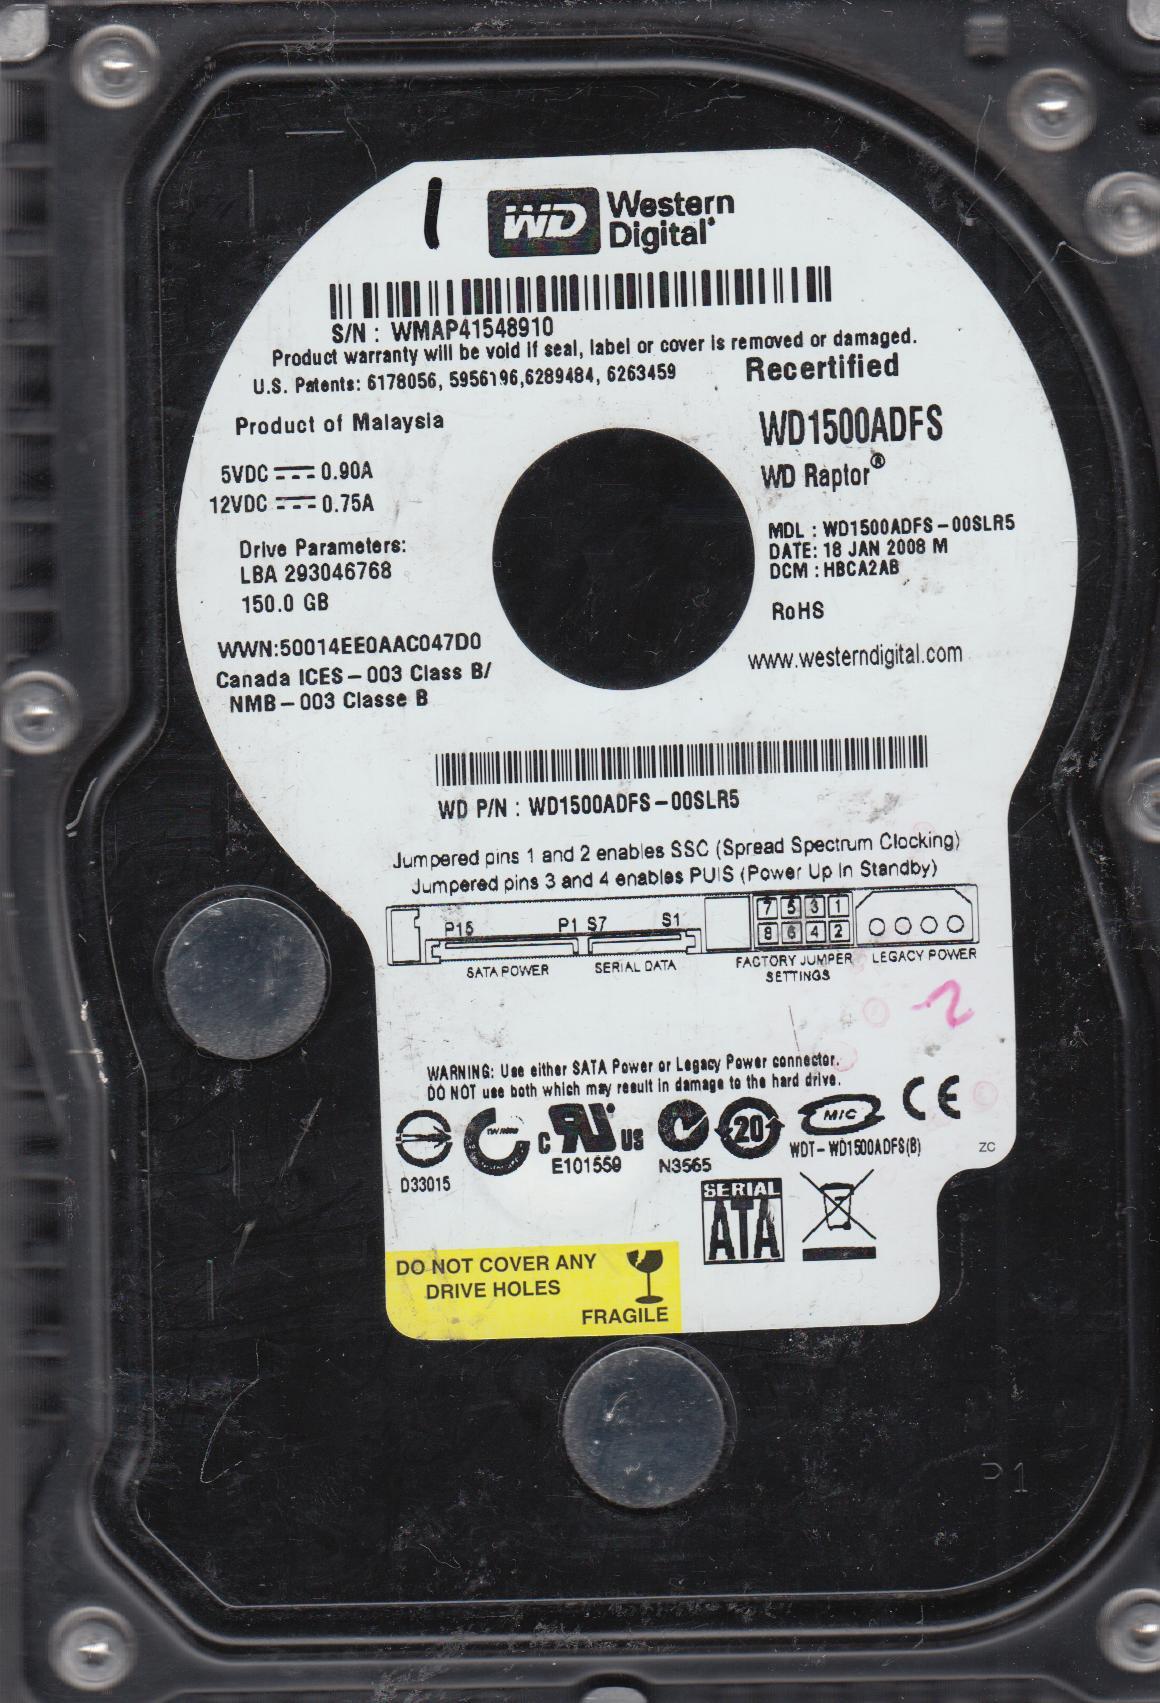 WD1500ADFS-00SLR5, DCM HBCA2AB, Western Digital 150GB SATA 3.5 Hard Drive by Western Digital